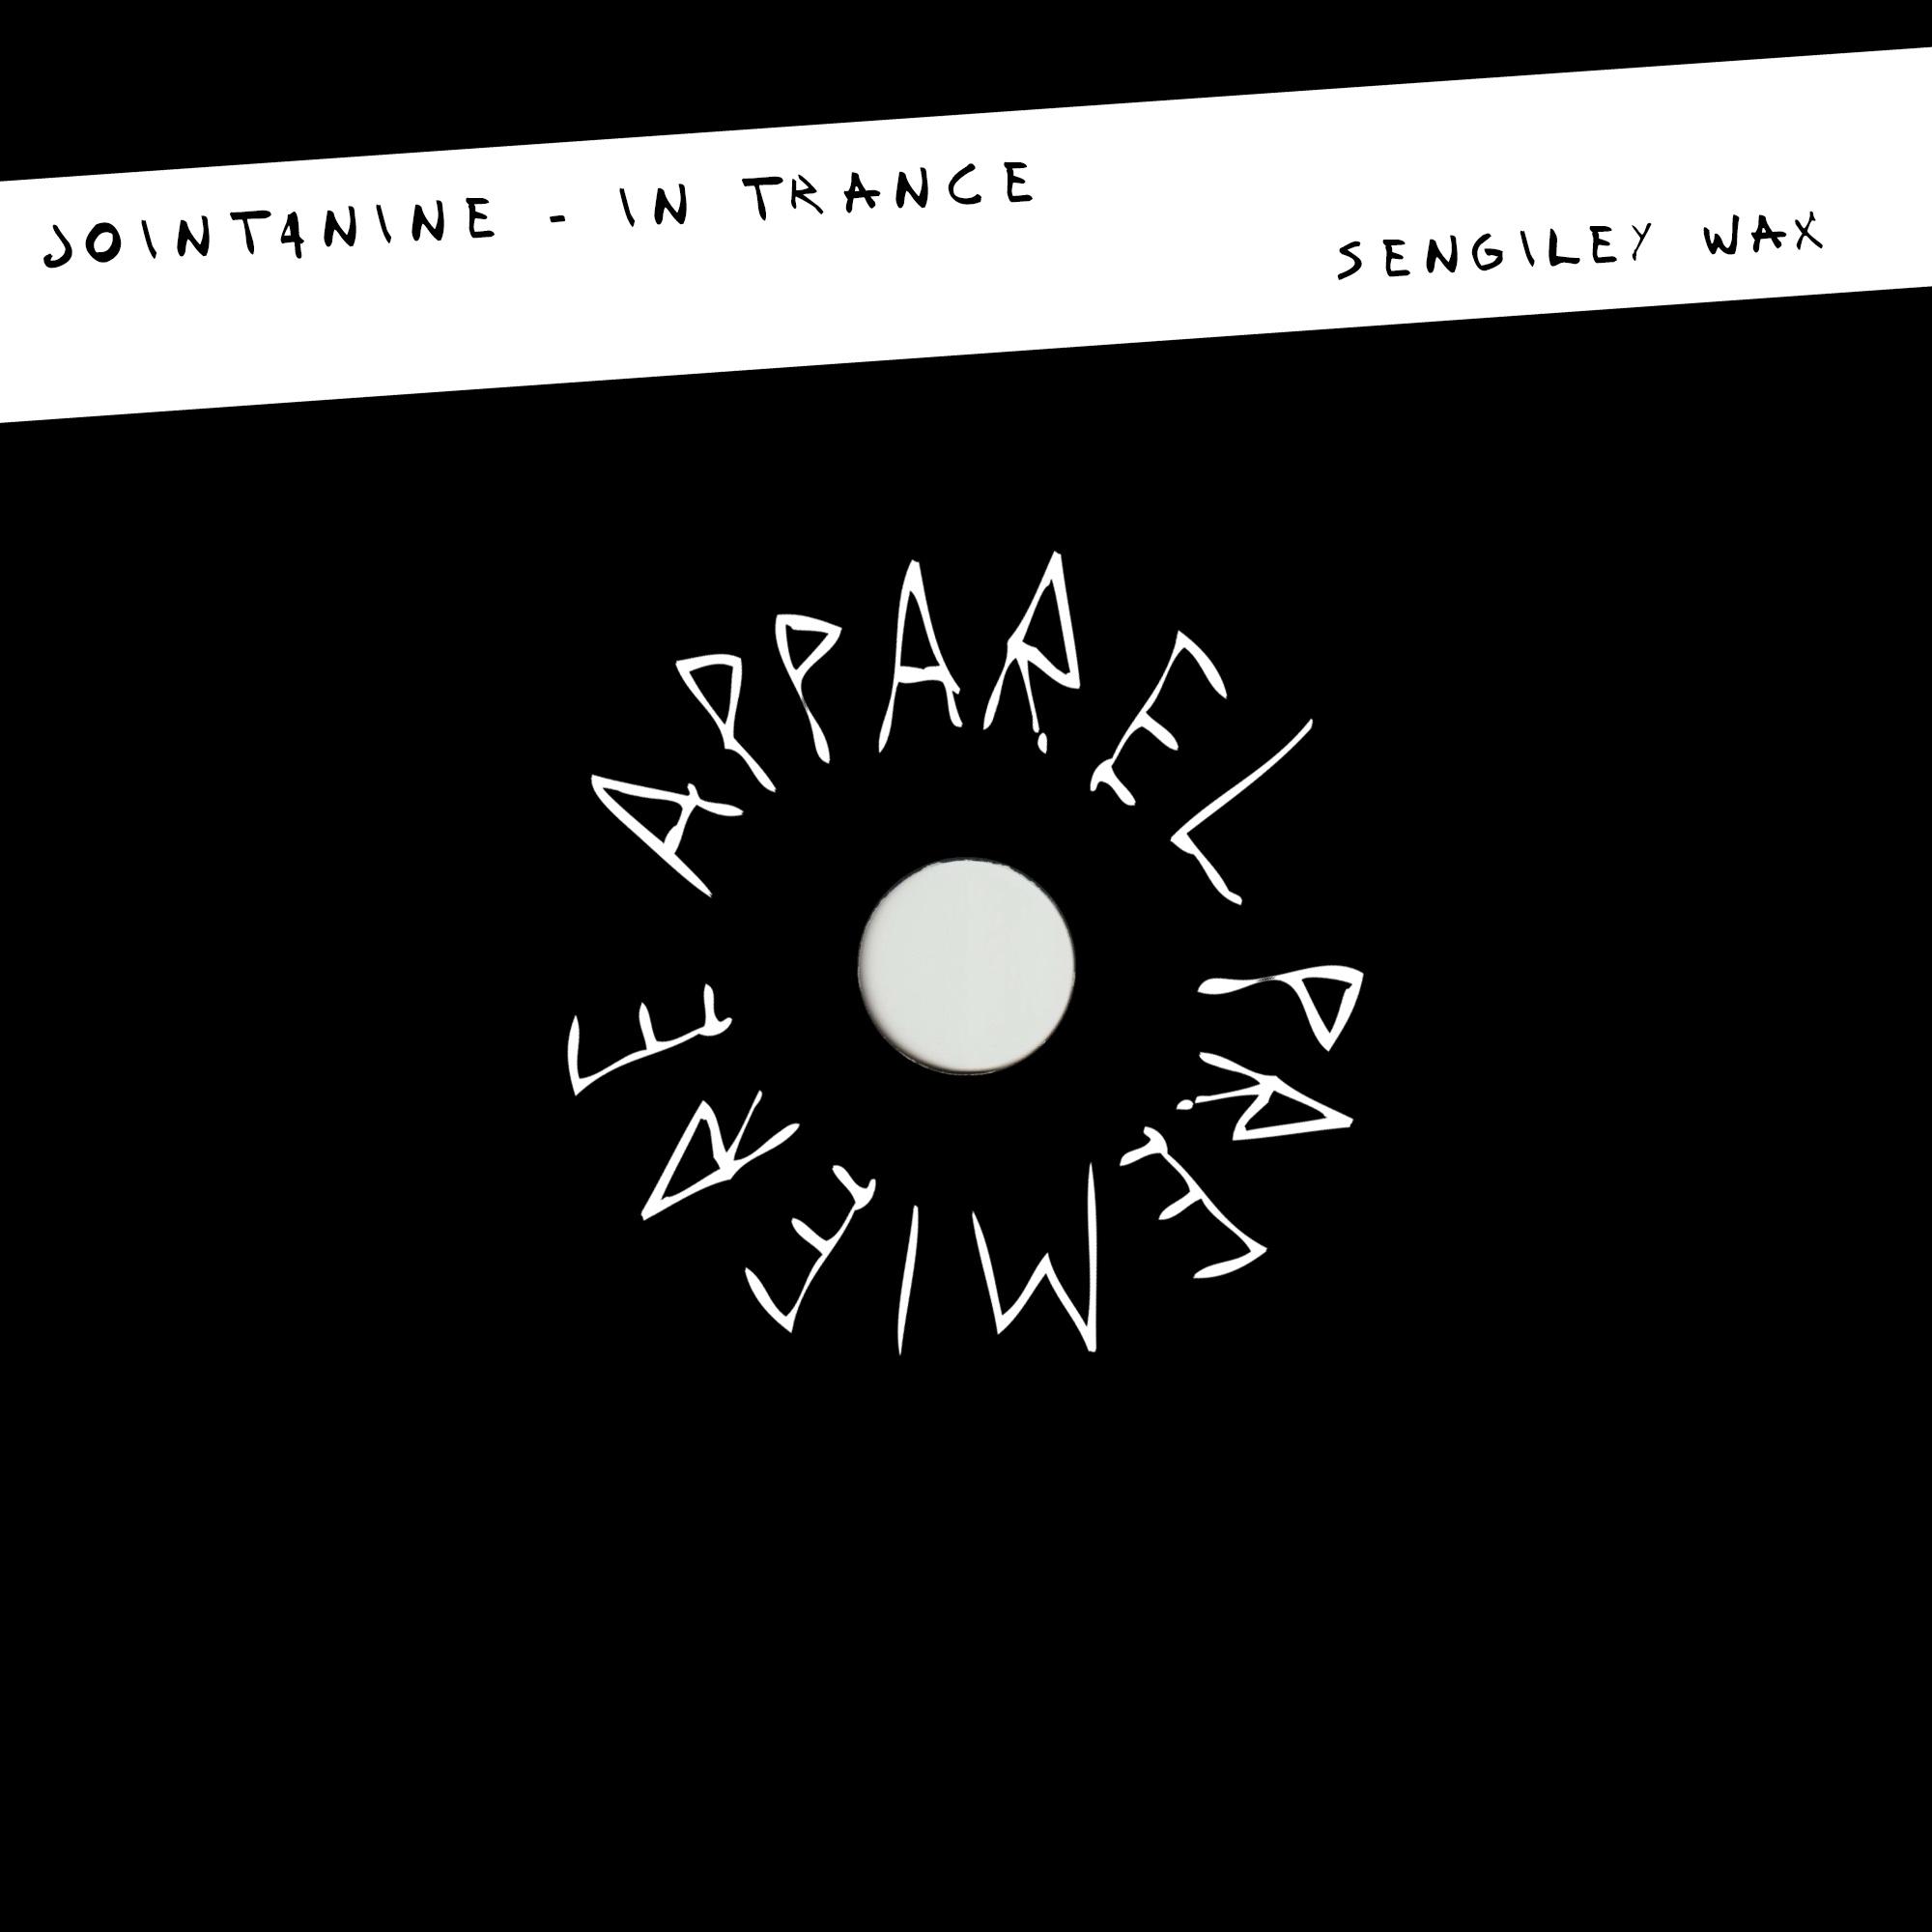 APPAREL PREMIERE: Joint4Nine – In Trance [Sengiley Wax]